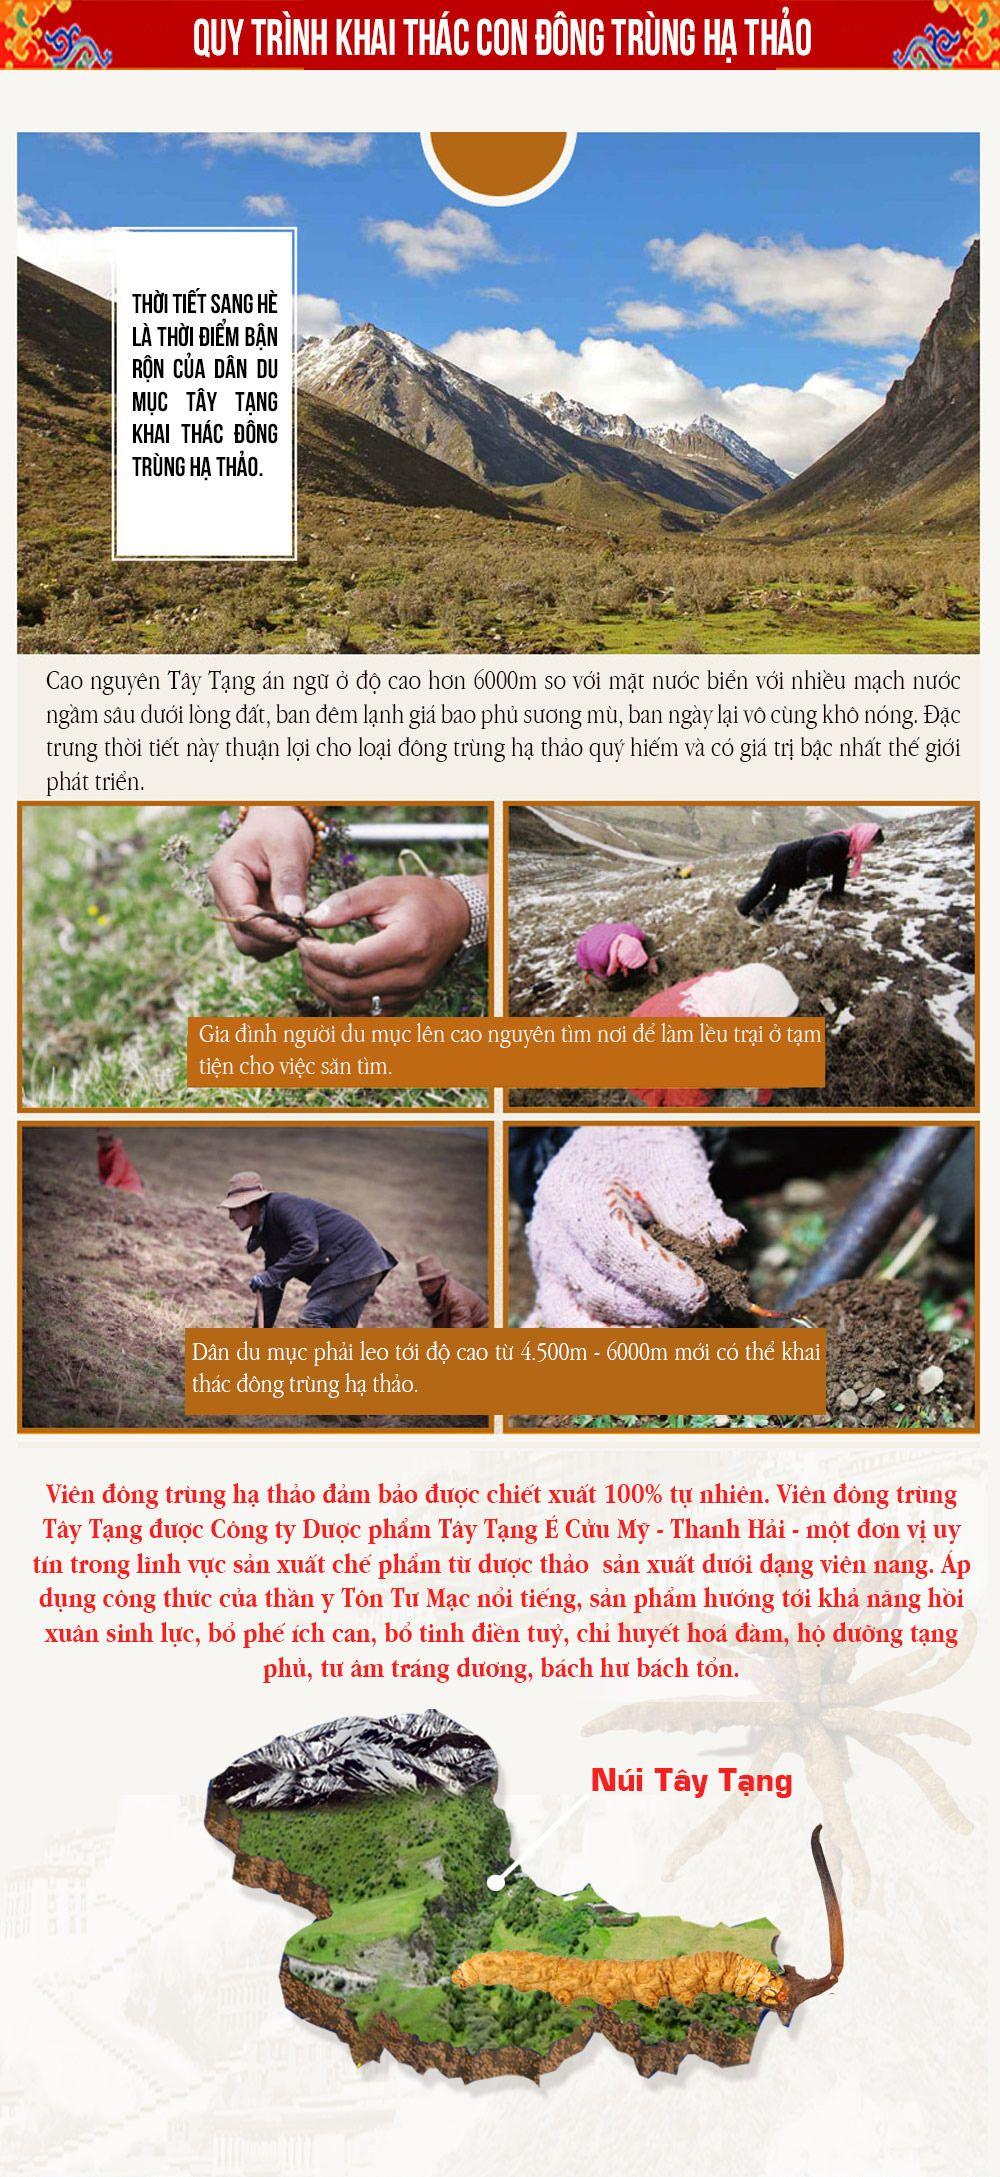 Quy trình khai thác con đông trùng hạ thảo Tây Tạng